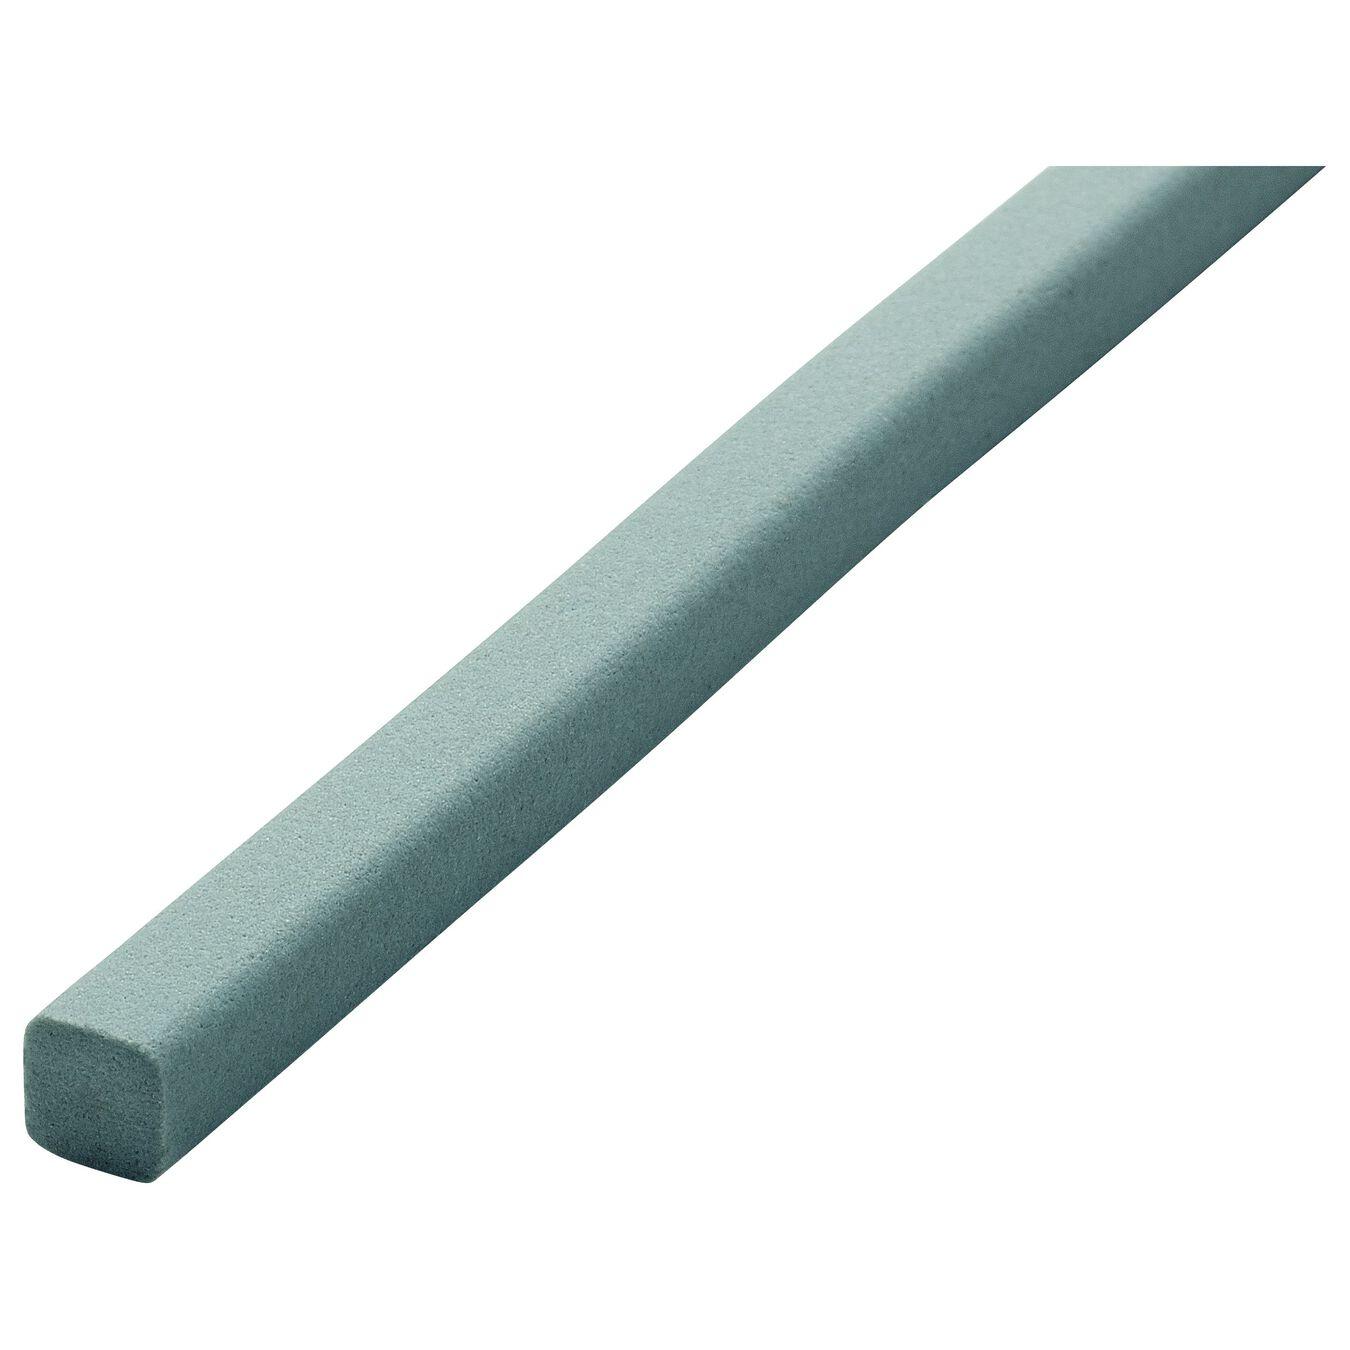 Tige d'affûtage, 2 cm | Vert | Céramique,,large 2